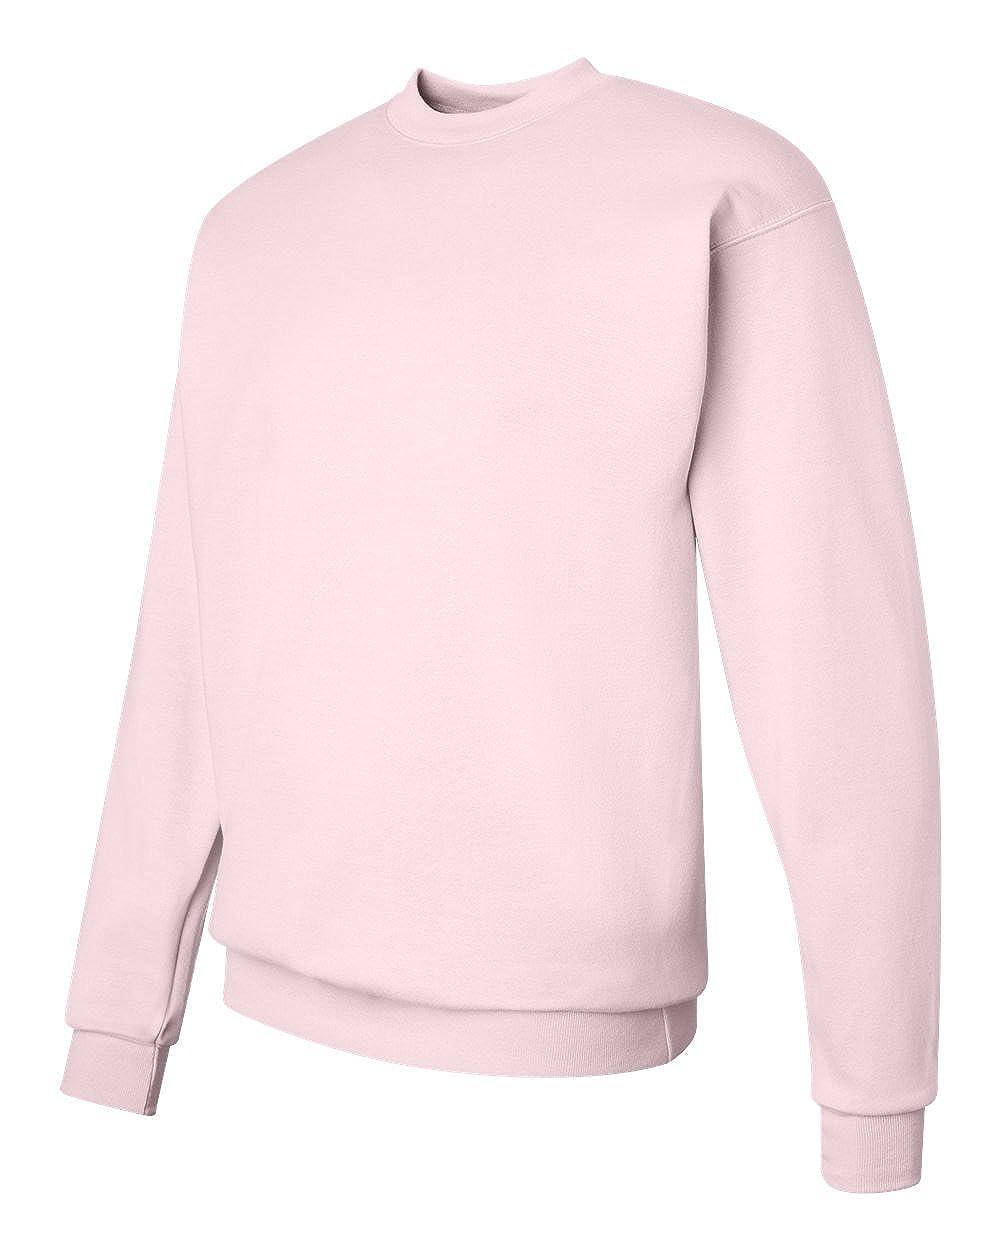 Hanes Mens Ecosmart Fleece Sweatshirt